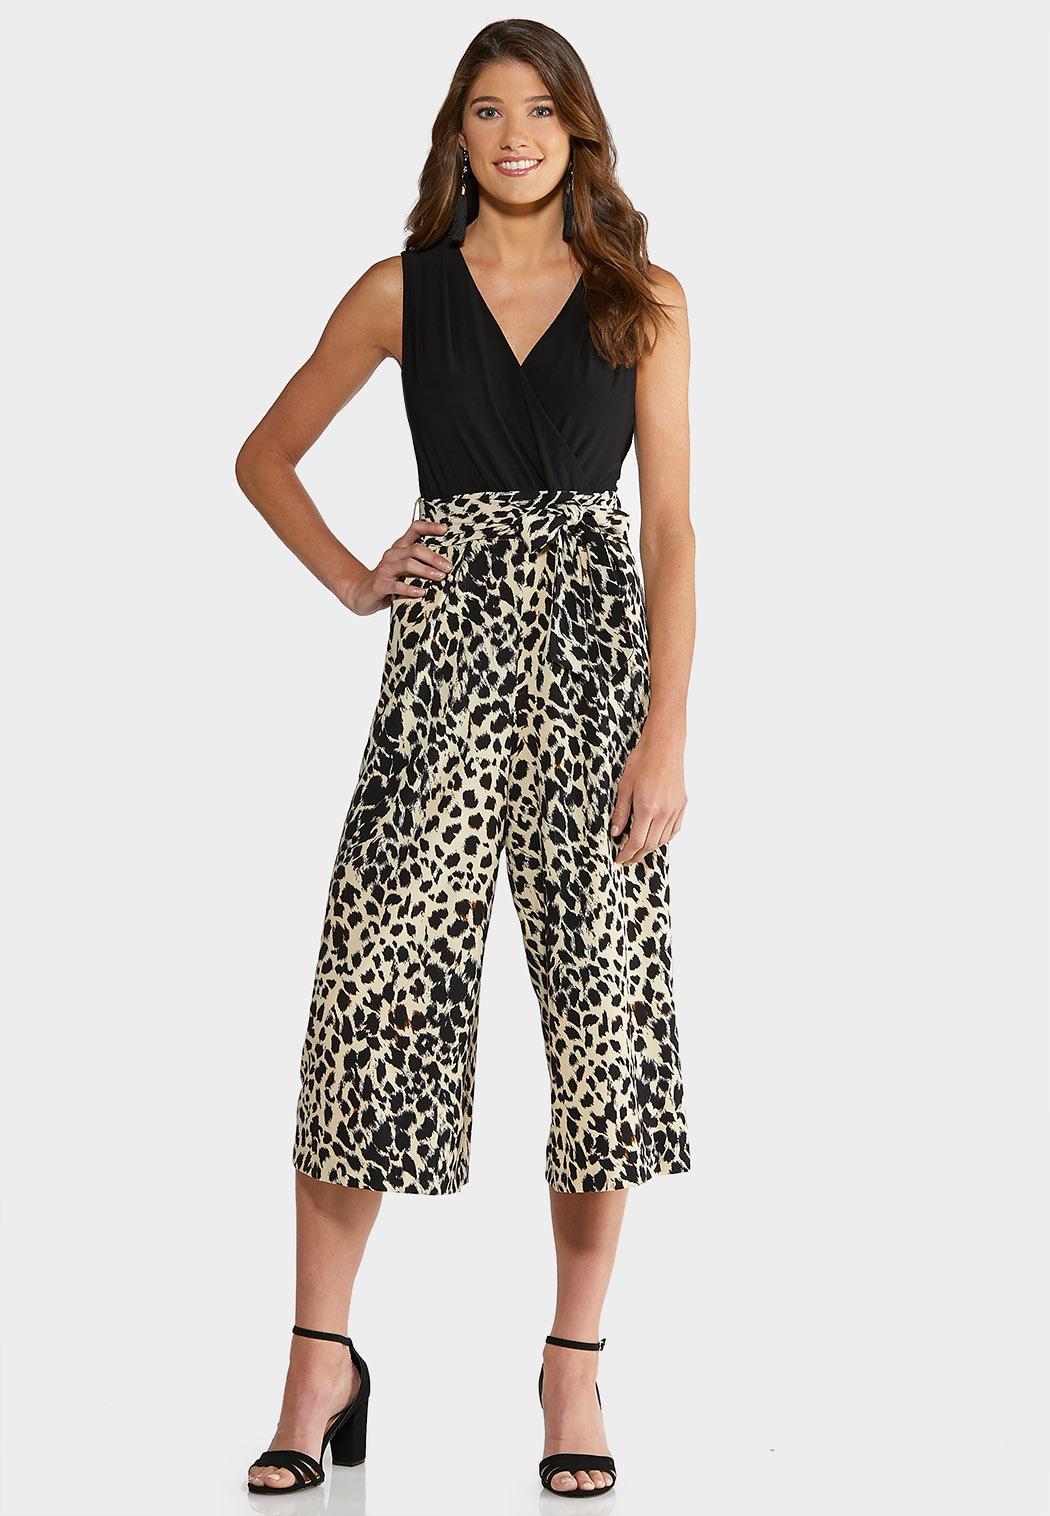 Plus Size Leopard Print Jumpsuit Jumpsuits Cato Fashions